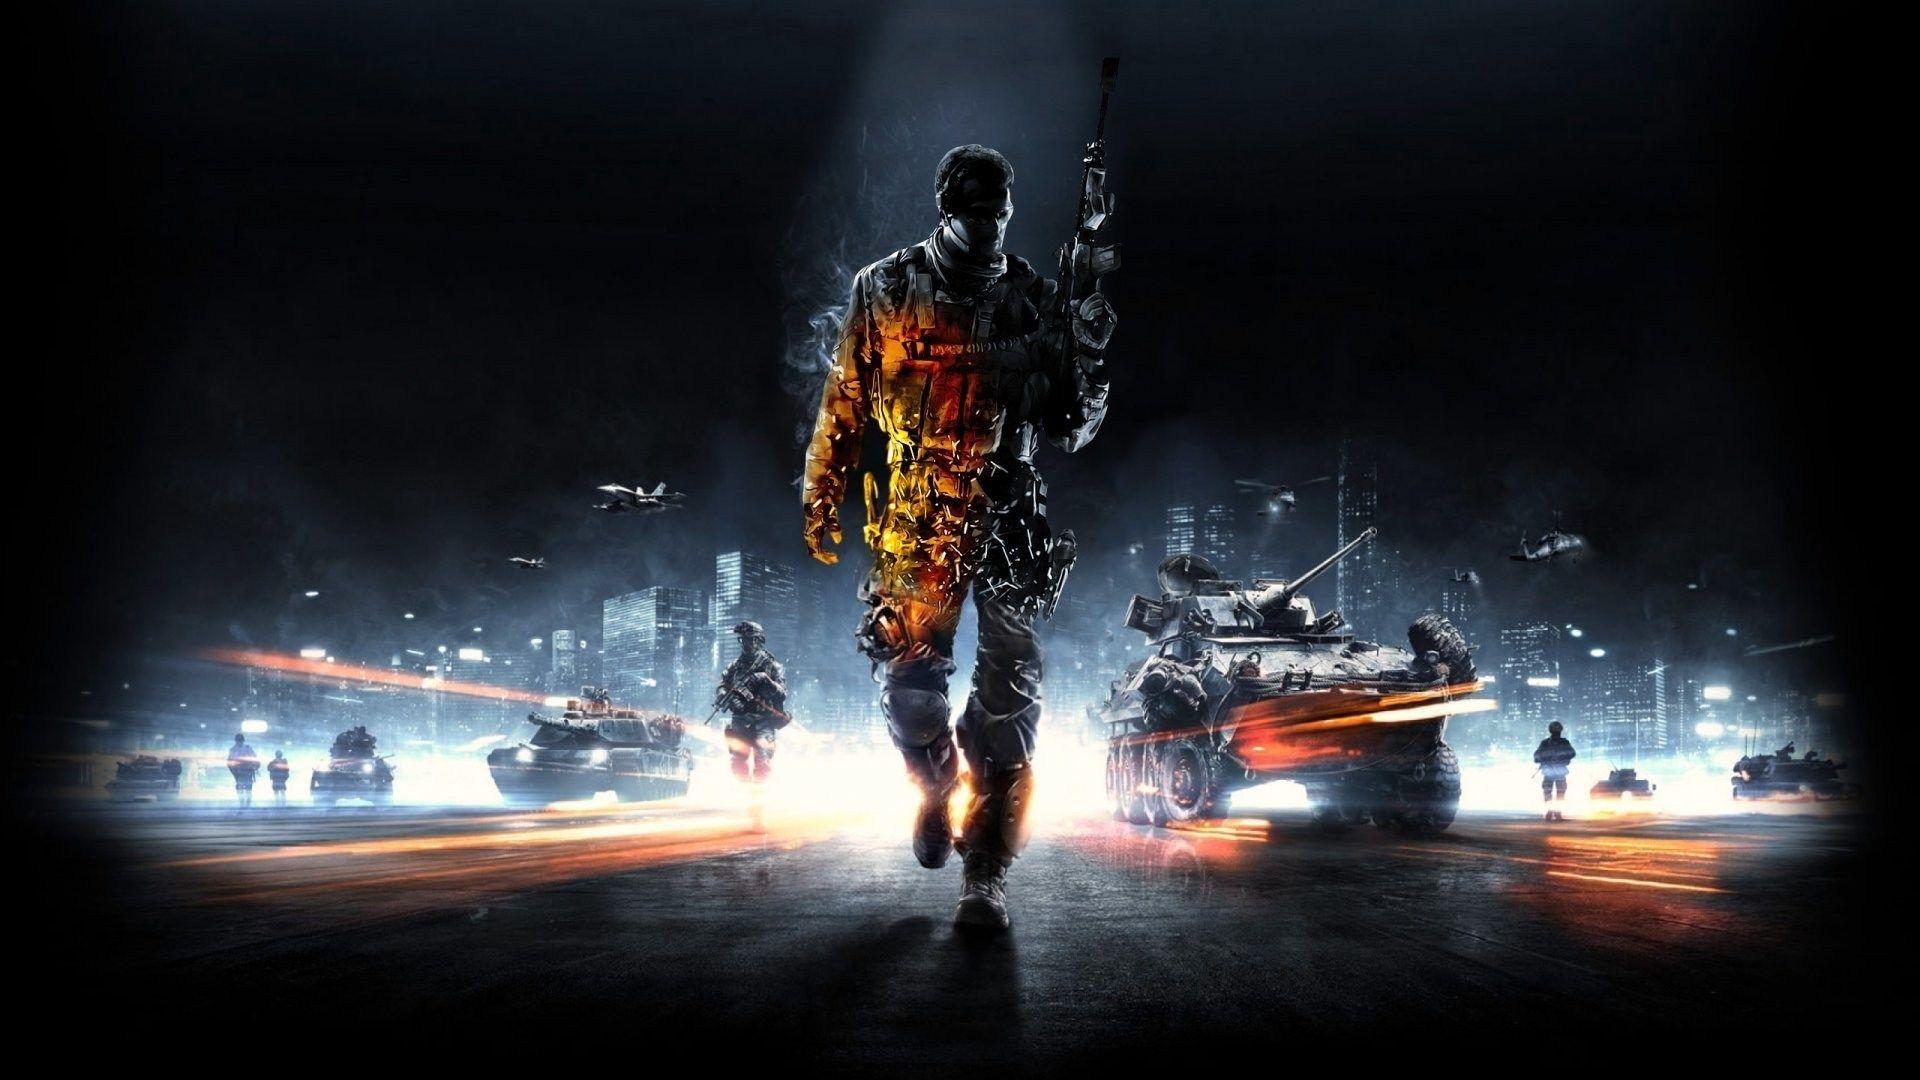 Must see Wallpaper Gaming Battlefield - a51fc301d955da5c4a5b9c85cd5a077d  Collection_1910053 .jpg